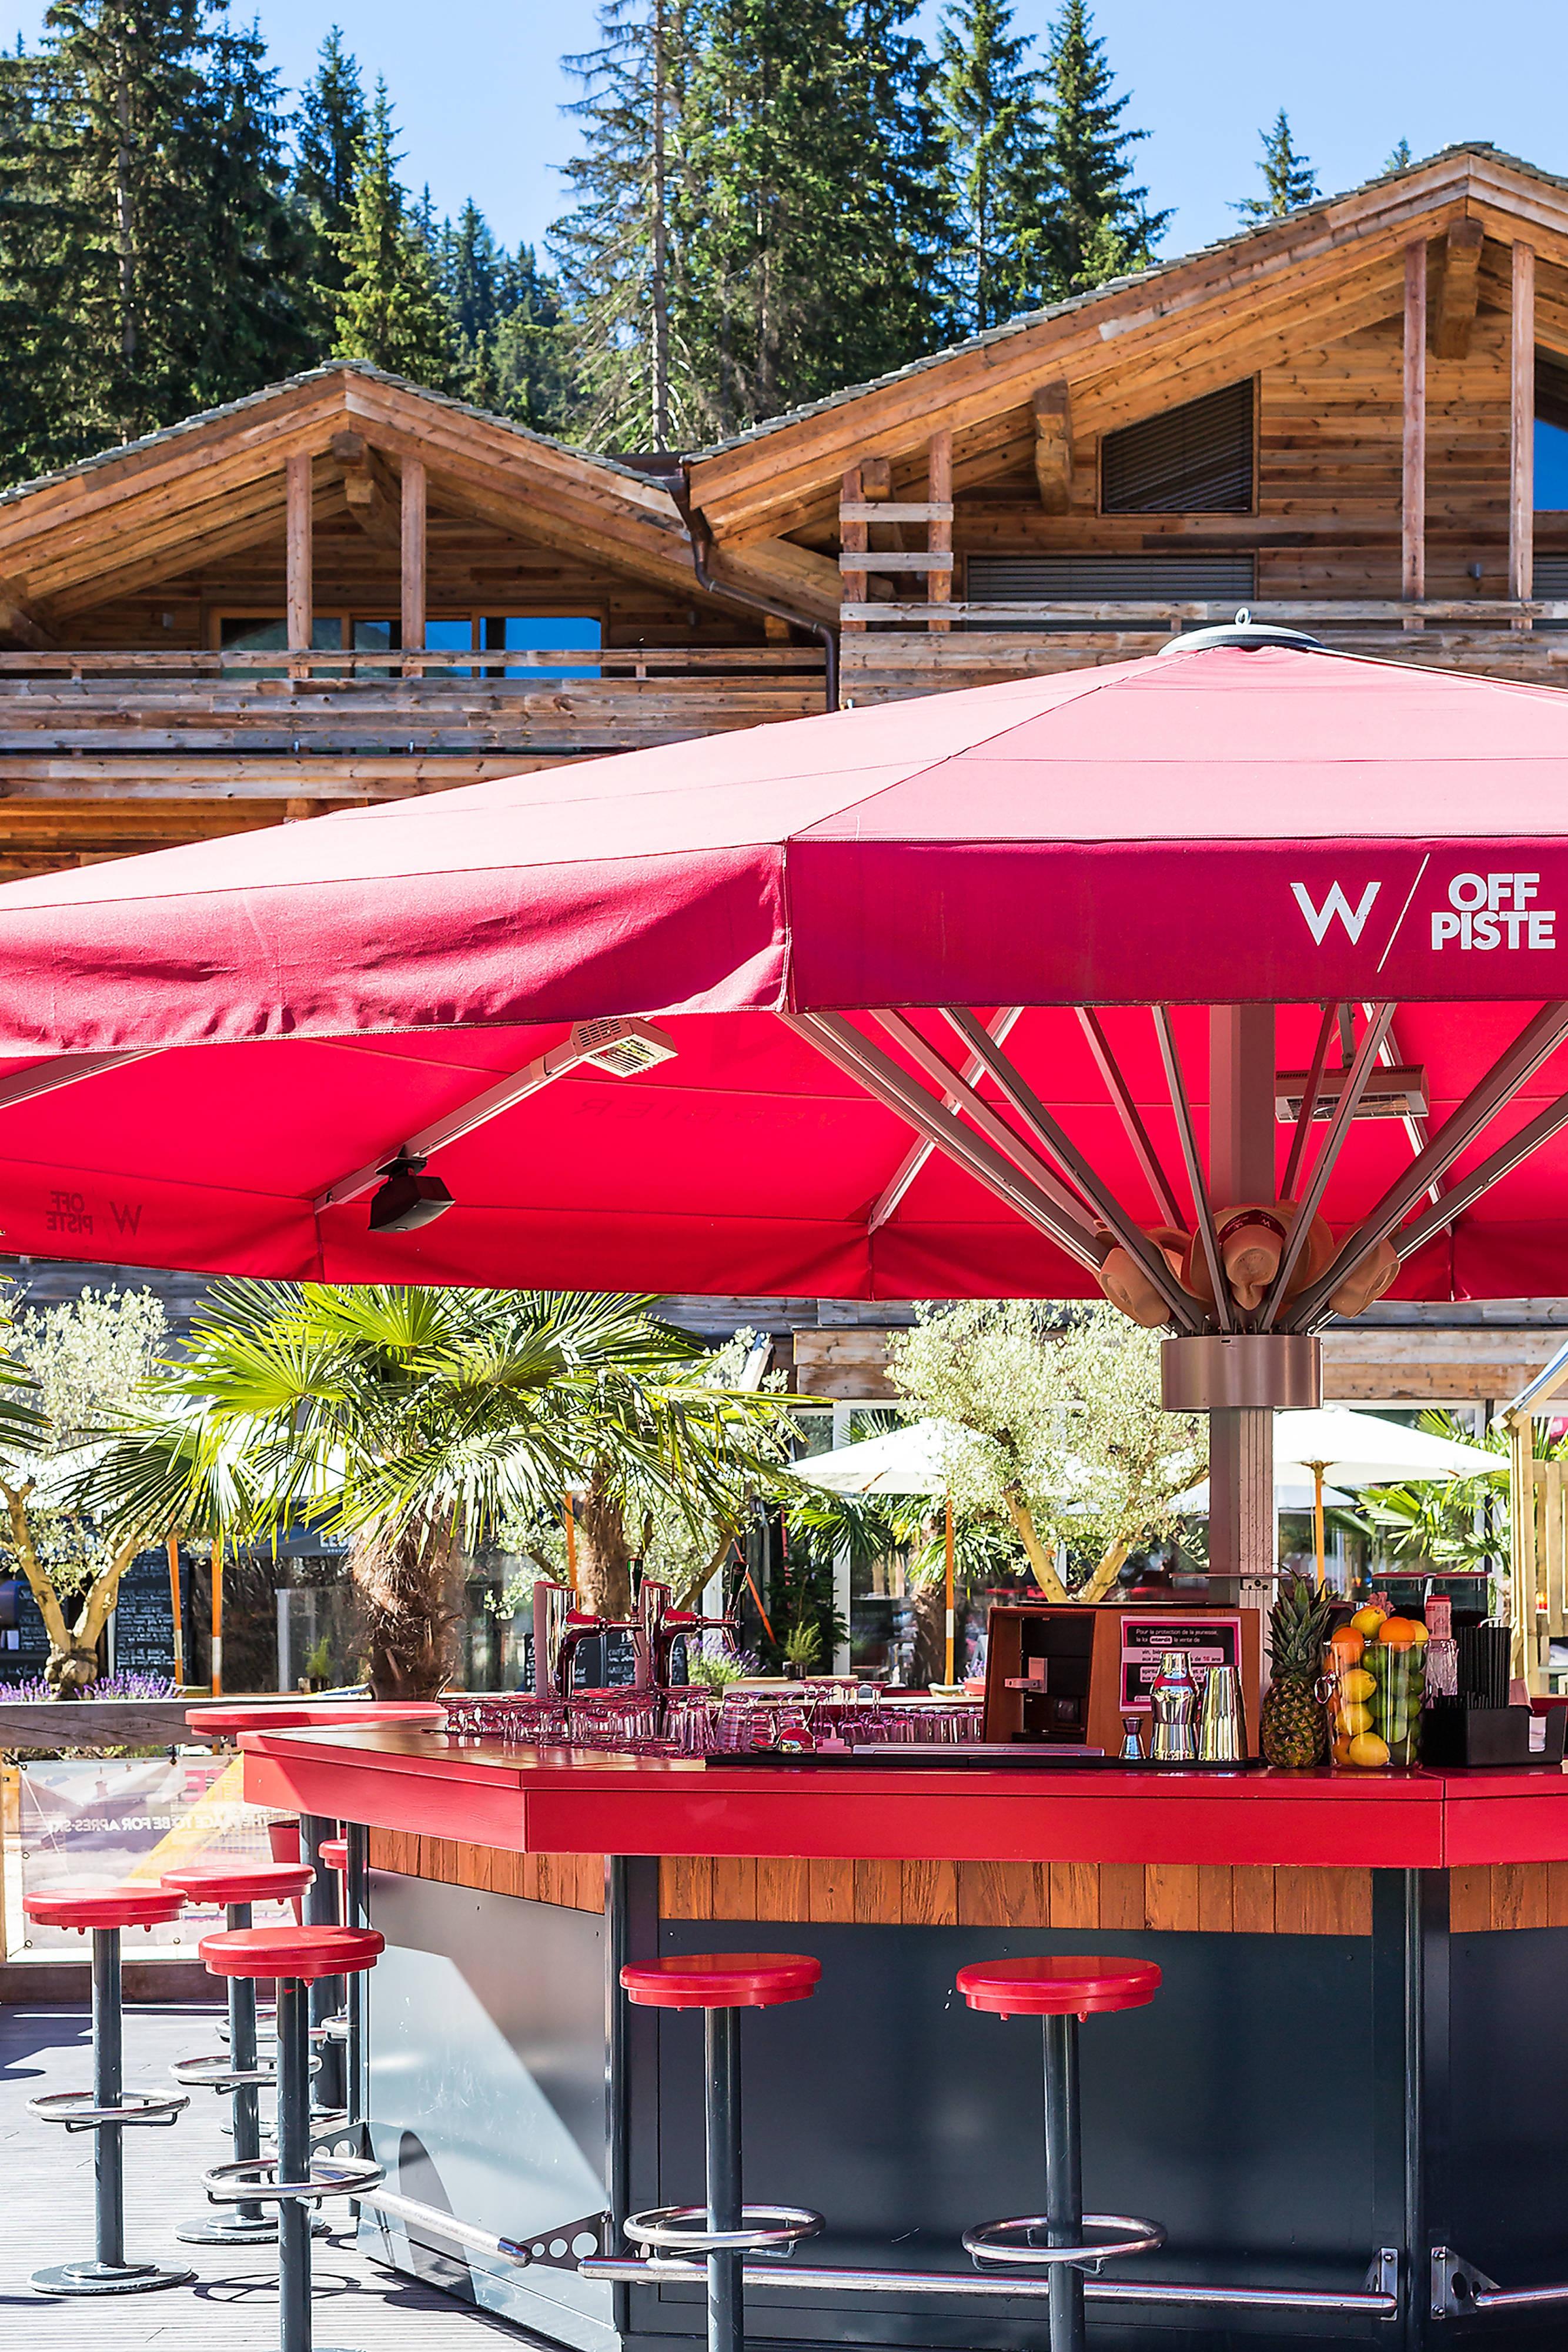 W Off Piste - Bar area in summer